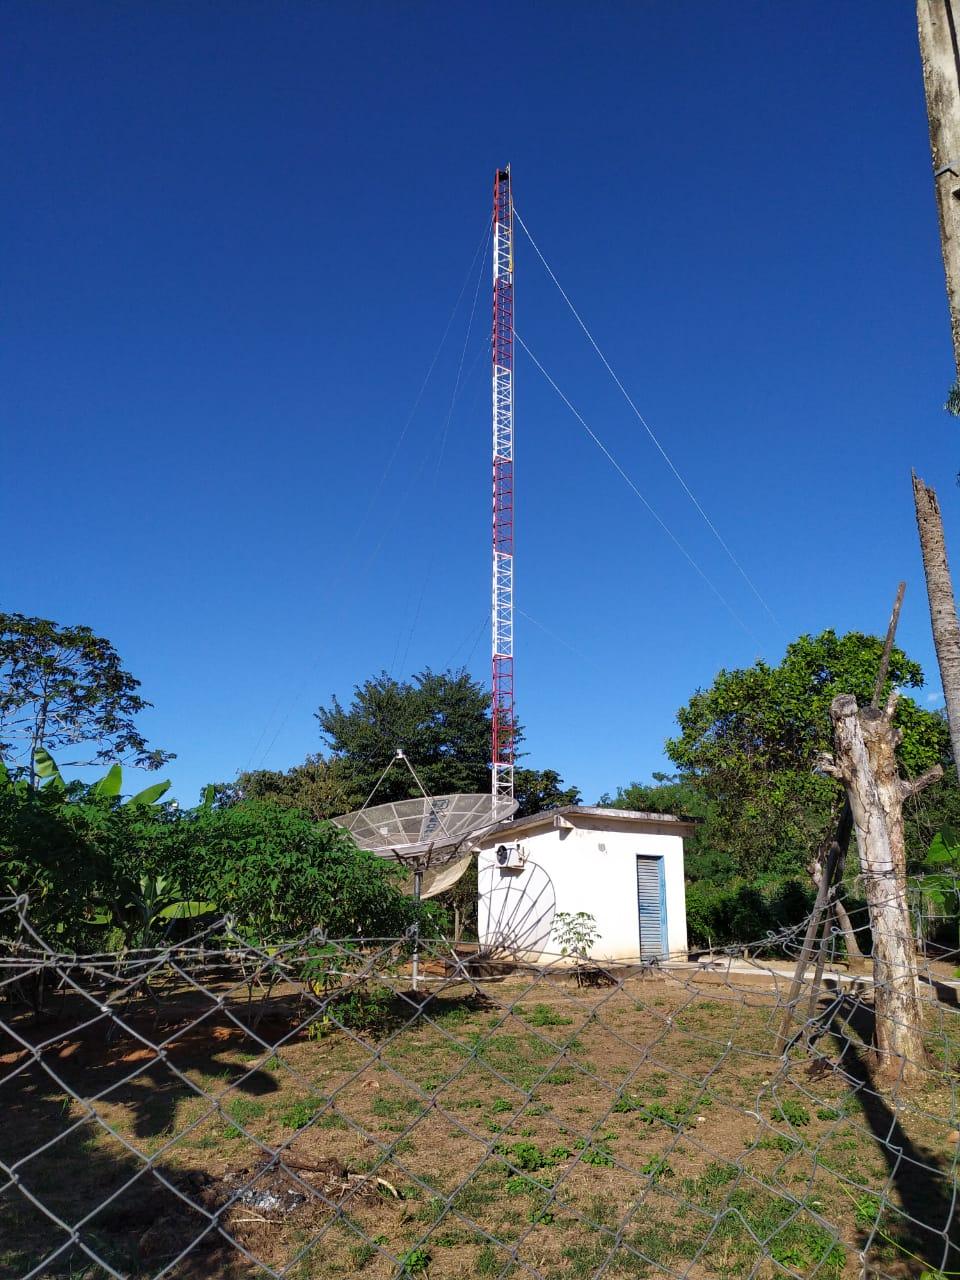 Taquaruçu: sinal aberto de TV digital é monitorado a fim de melhorar interferências externas